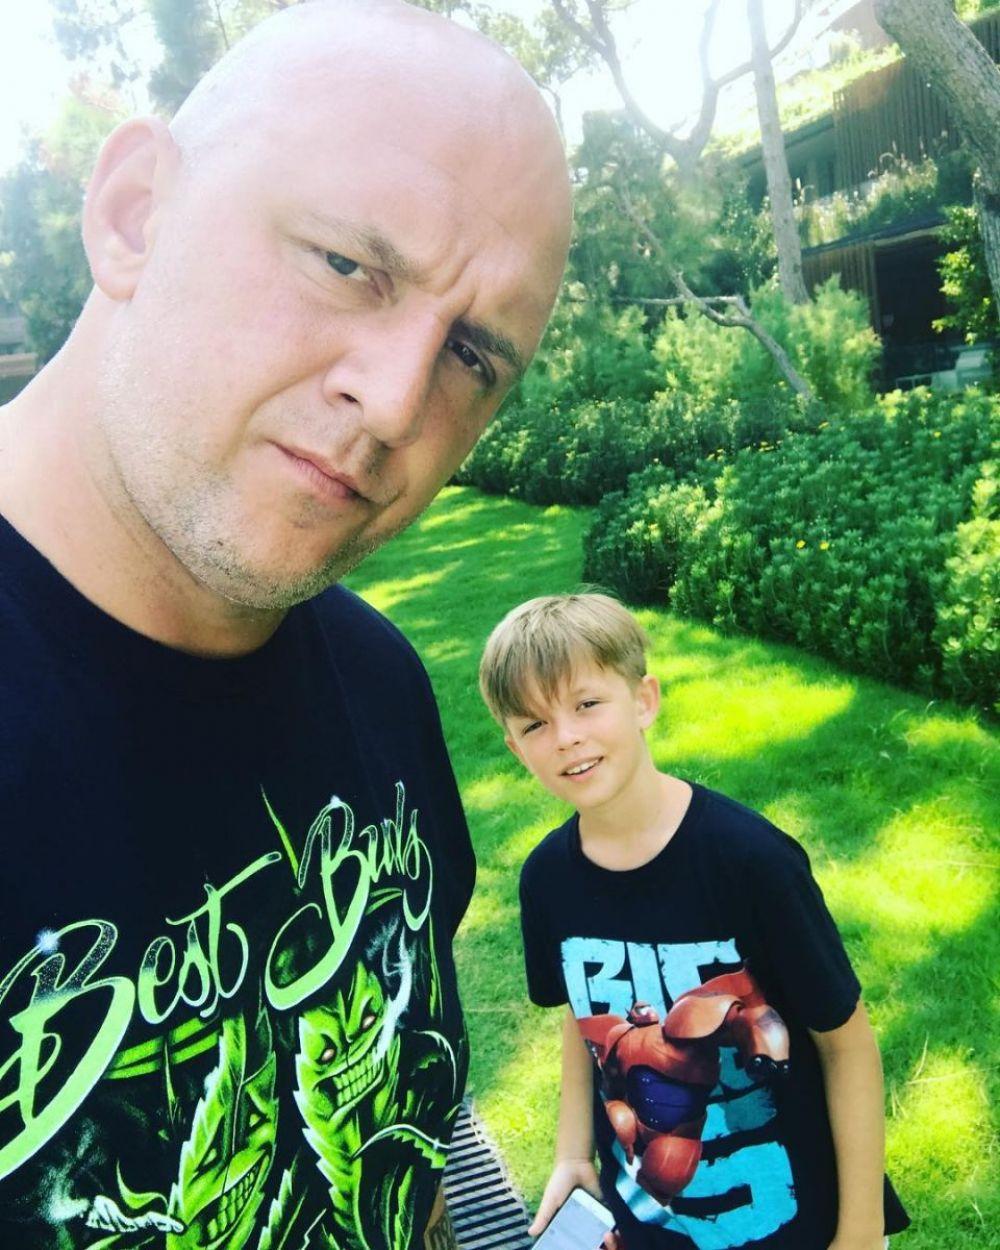 У продюсера, музыканта и певца Потапа подрастает сын Андрей, которому 9 лет. Несмотря на развод с женой, Потап уделяет мальчику много времени и участвует в его воспитании.